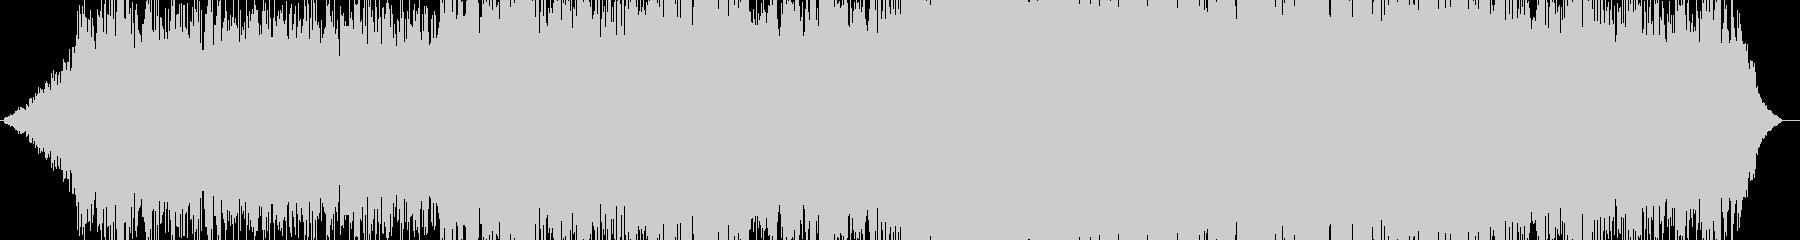 暗い雰囲気。不吉なサウンドスケープ...の未再生の波形